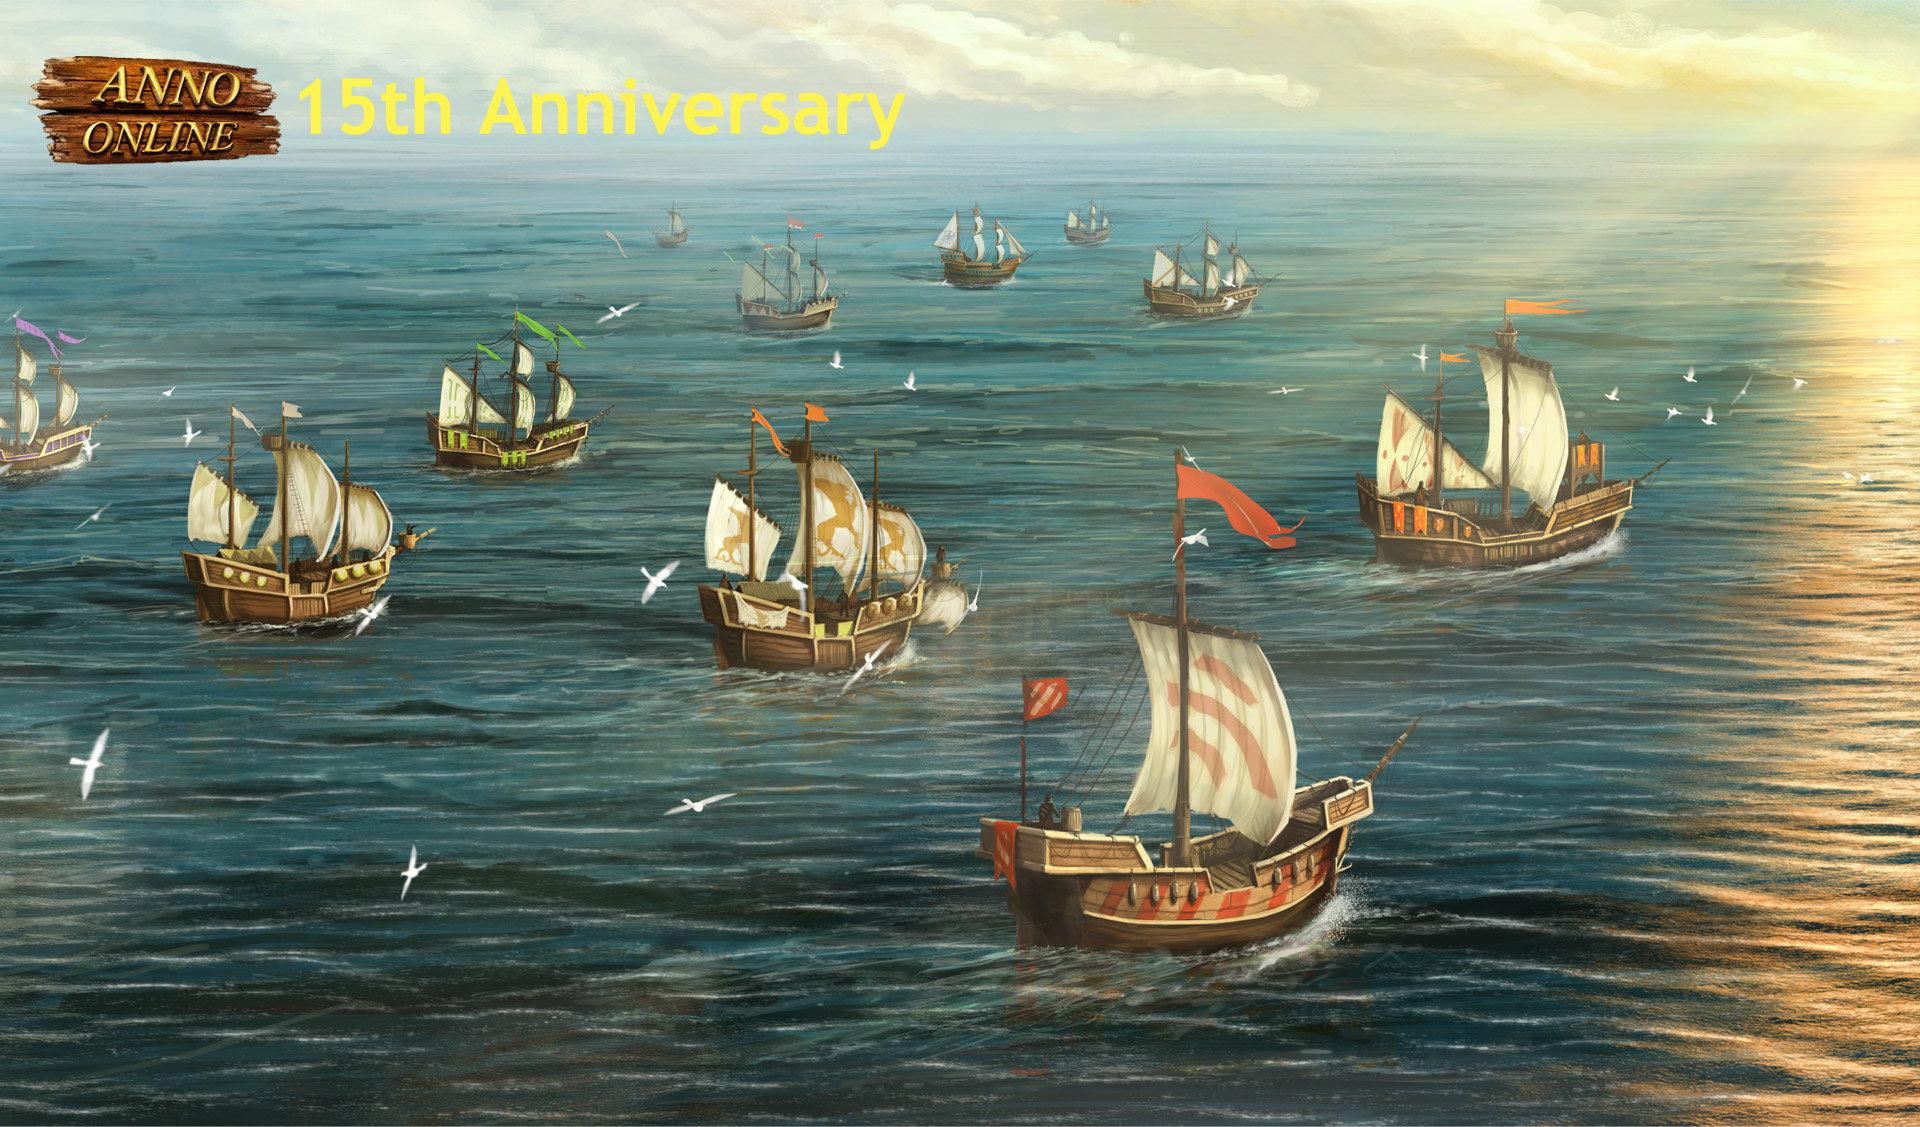 Anno Online 15th Anniversary